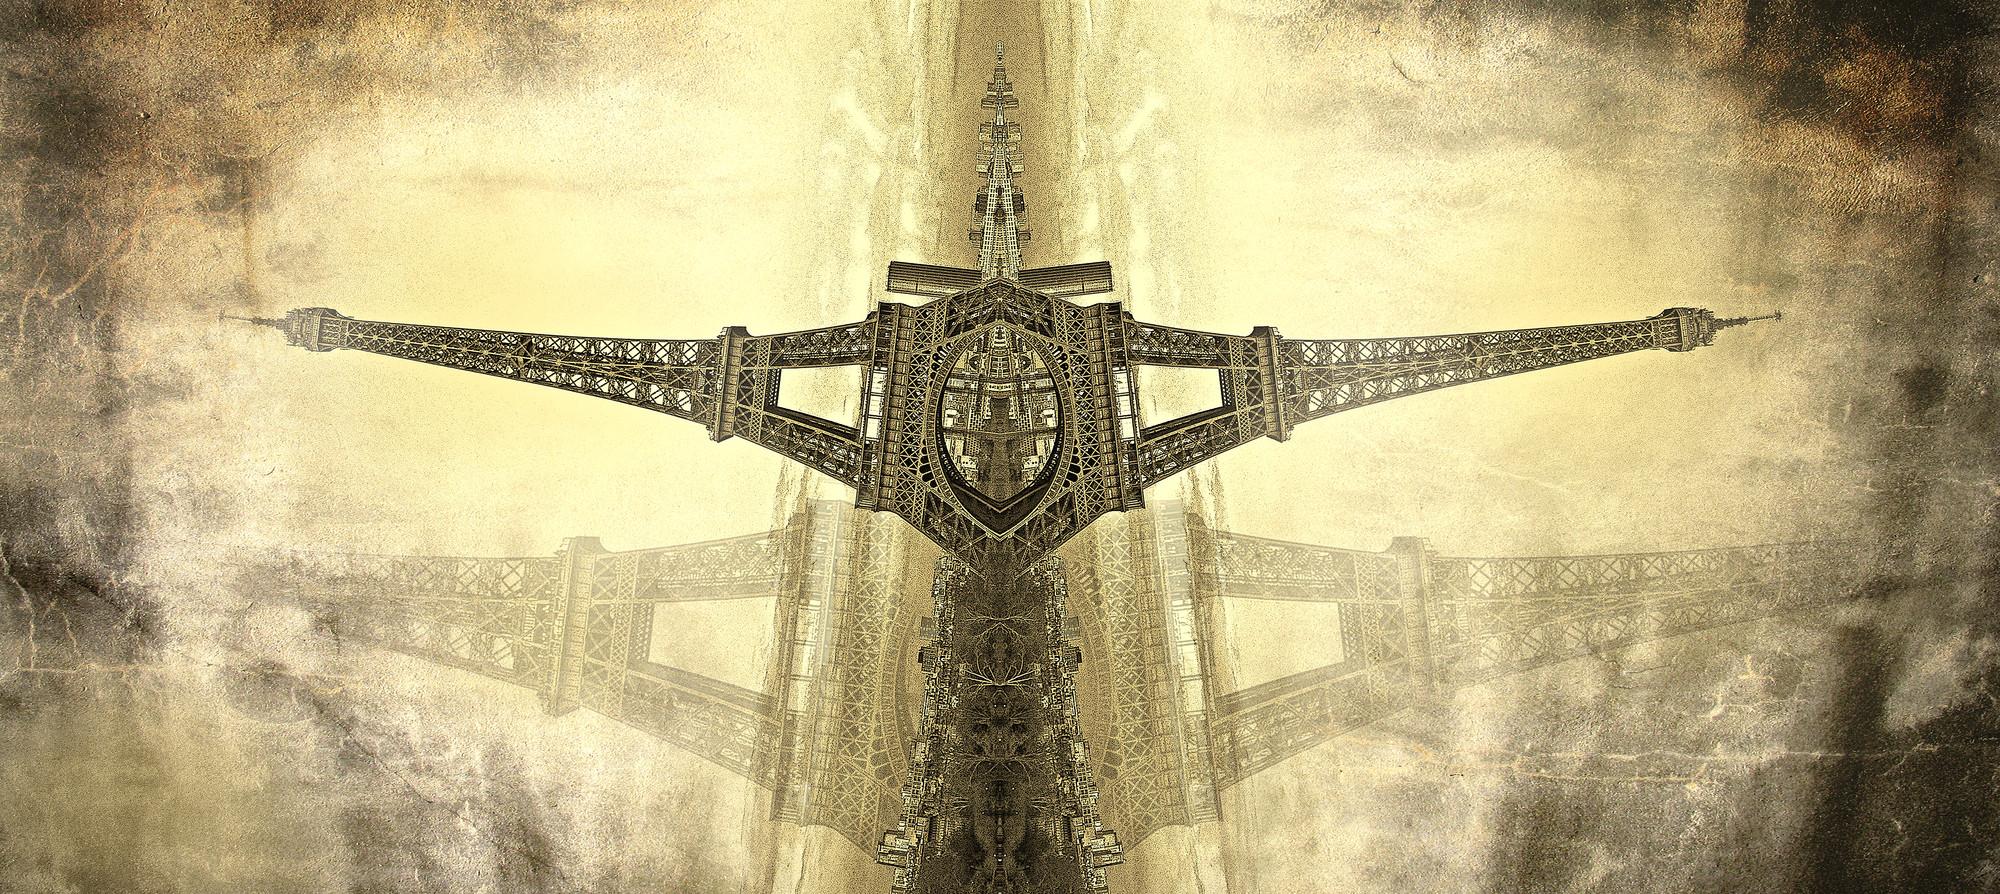 """Arte y Arquitectura: """"El Otro Lugar"""" / Robert Montilla, Torre Eiffel © Robert Montilla . Image © Robert Montilla"""